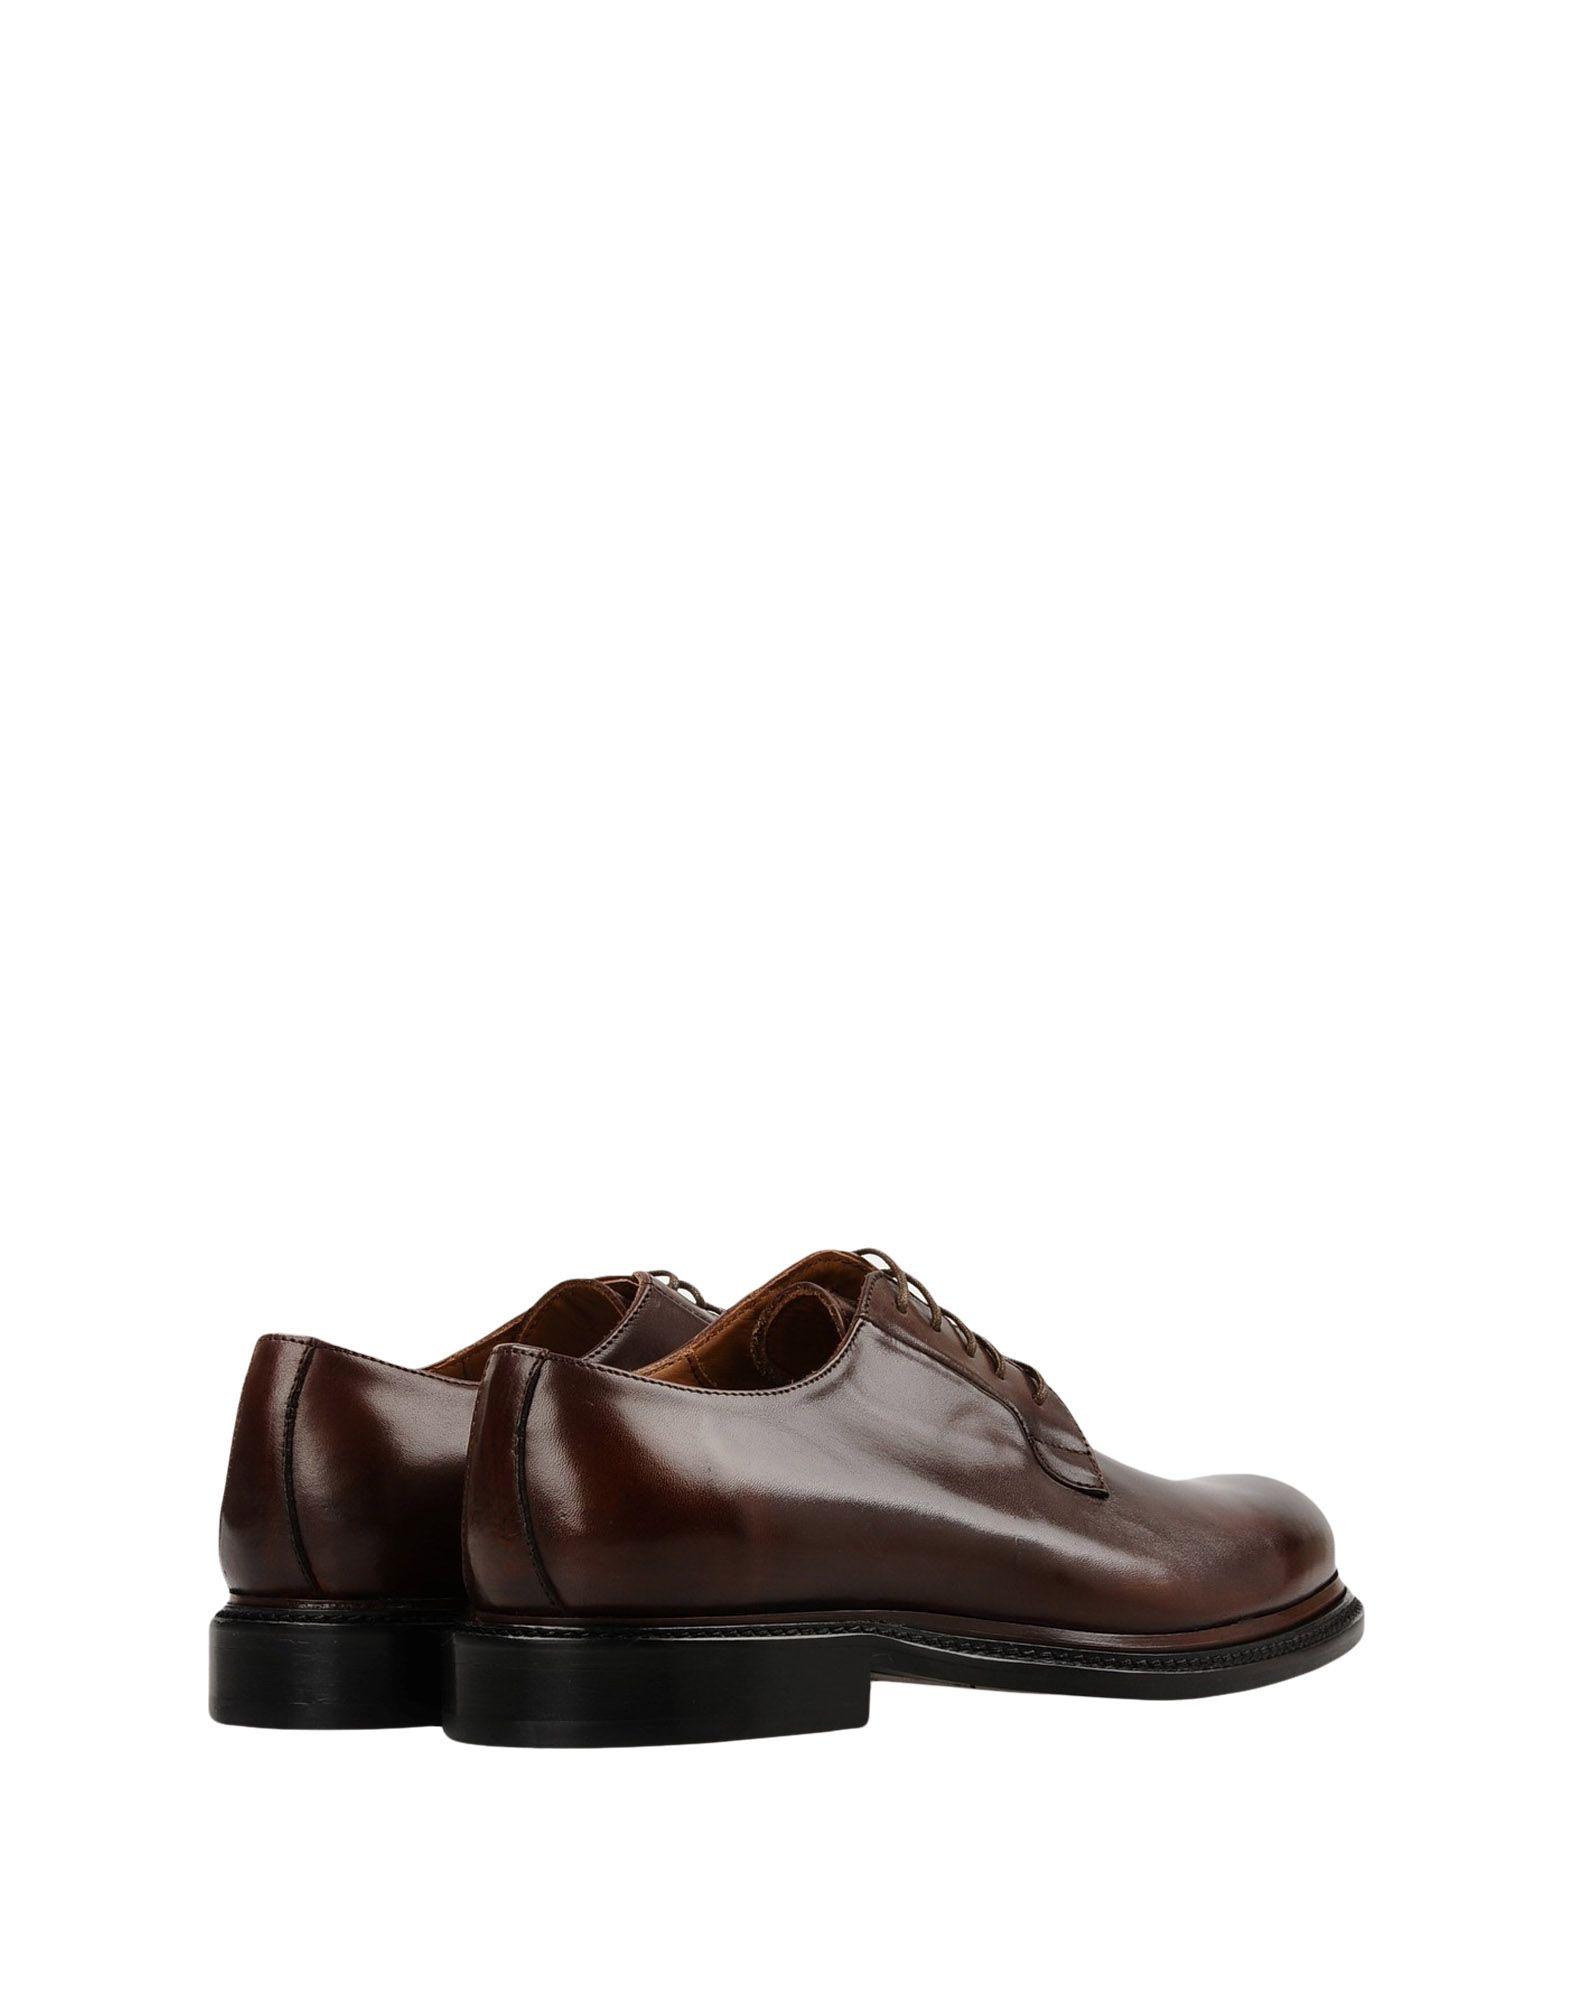 Marechiaro 1962 Schnürschuhe Herren  11428726EM Gute Qualität beliebte Schuhe